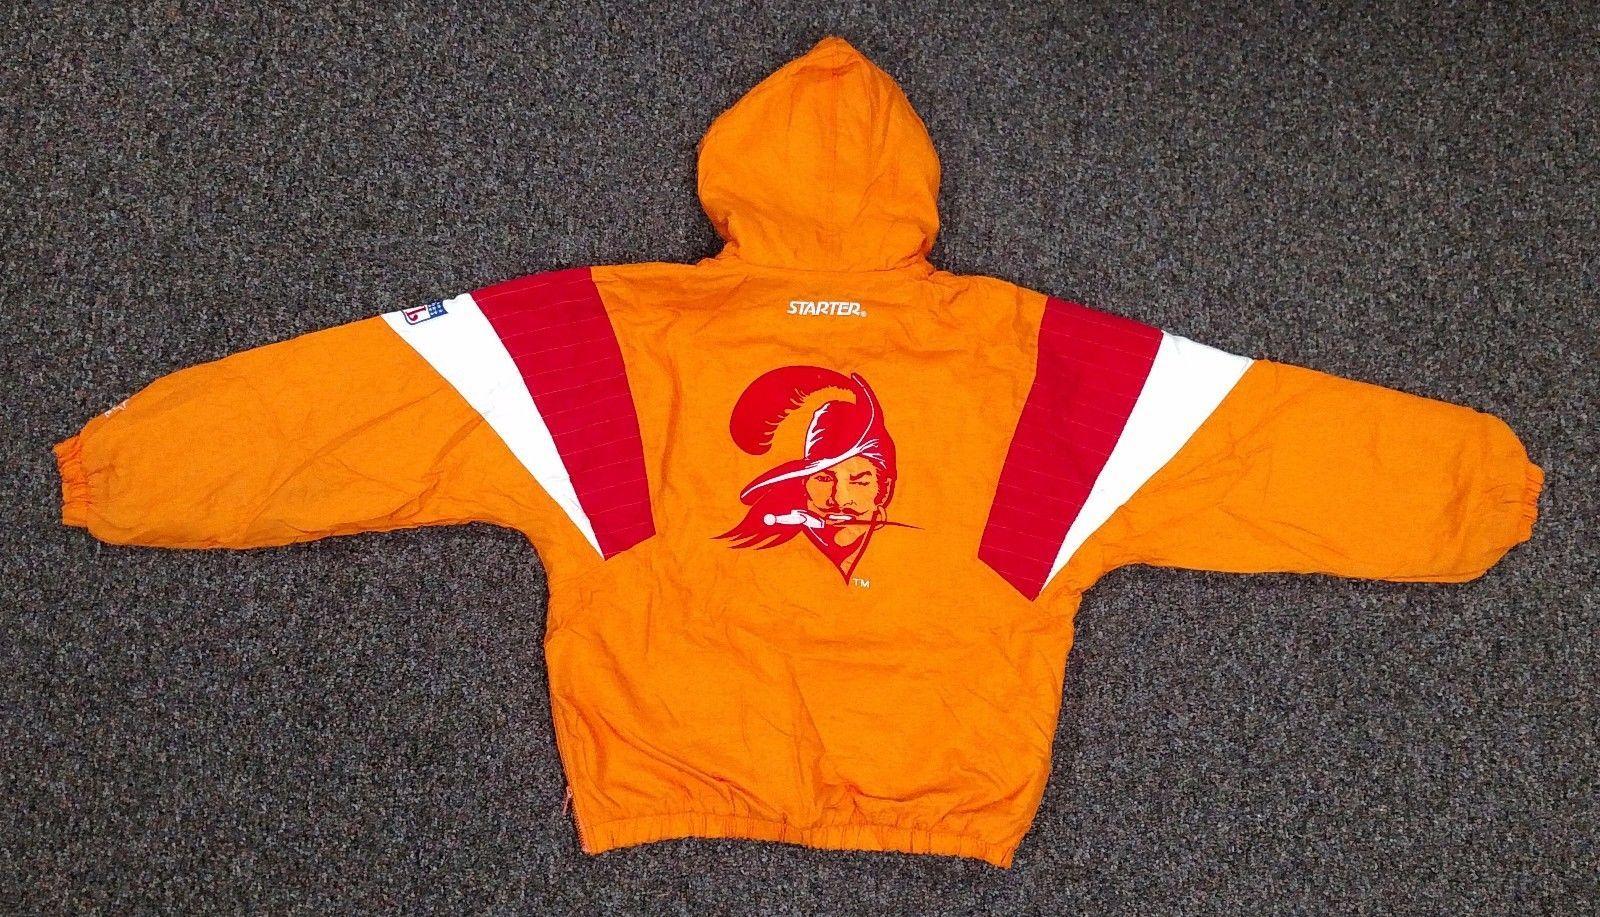 1c59522d Vintage 90s Tampa Bay Buccaneers NFL Hooded Pullover Starter Jacket ...